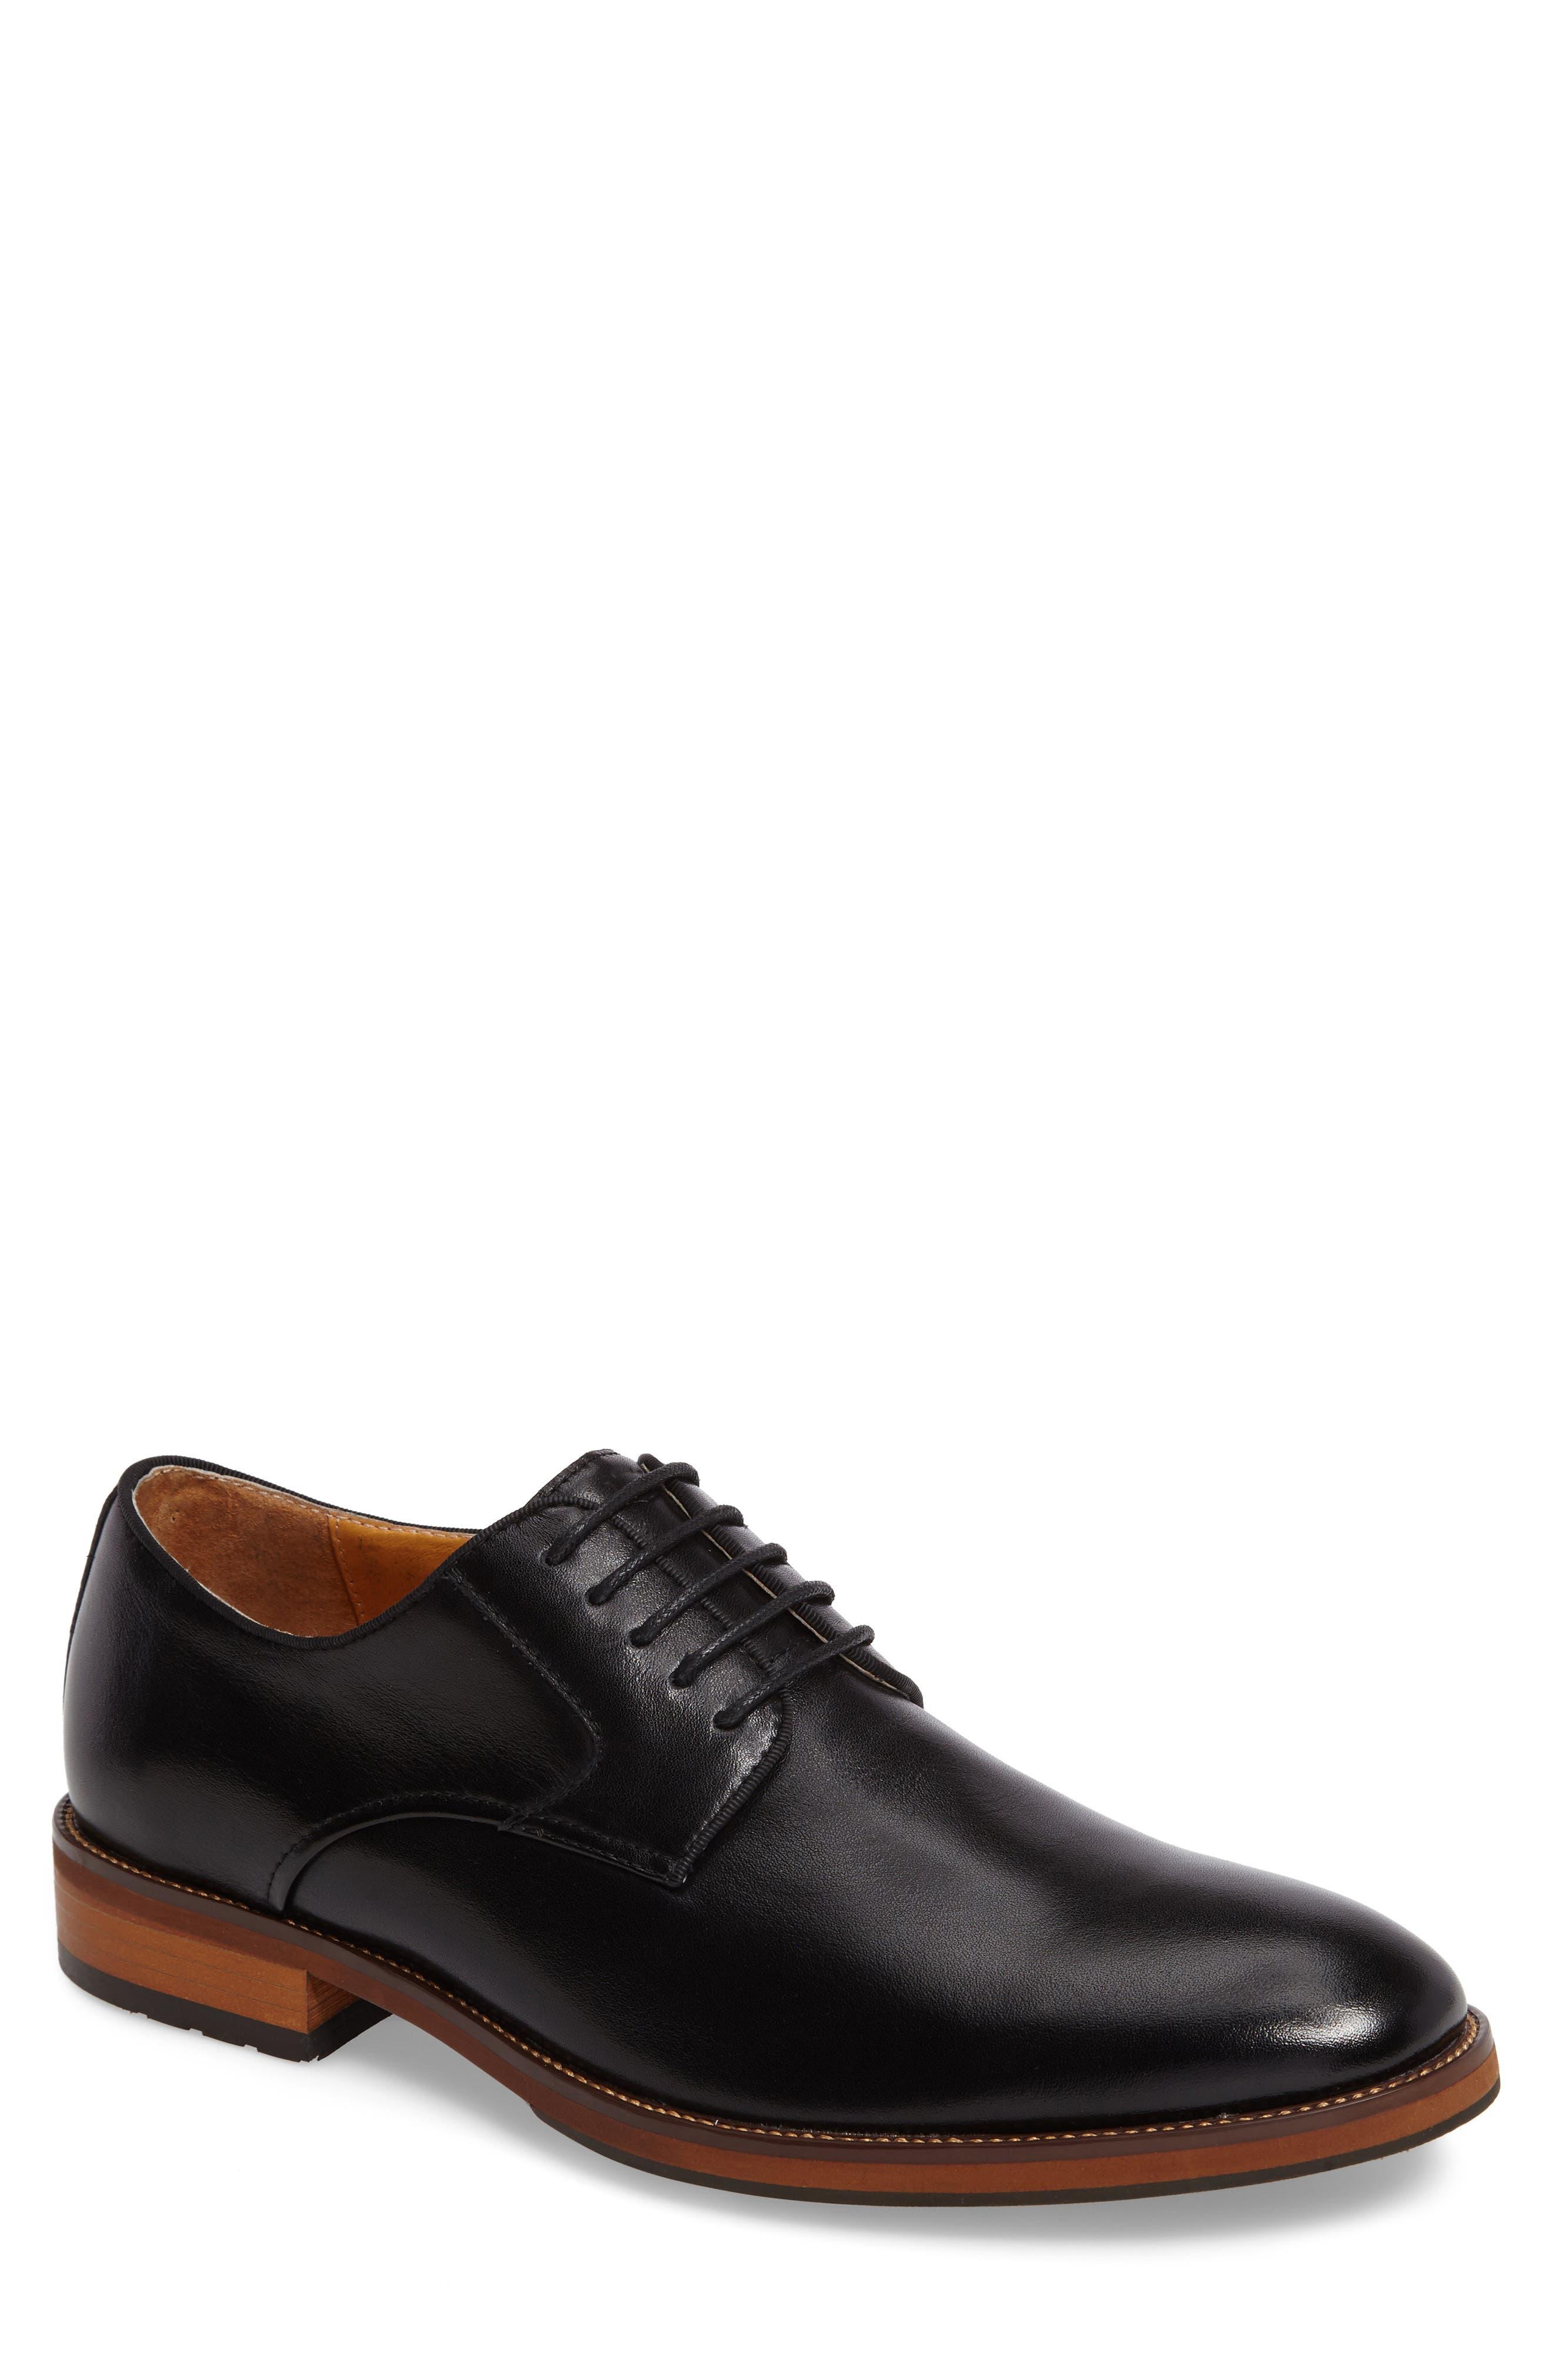 Blaze Plain Toe Derby,                         Main,                         color, BLACK LEATHER